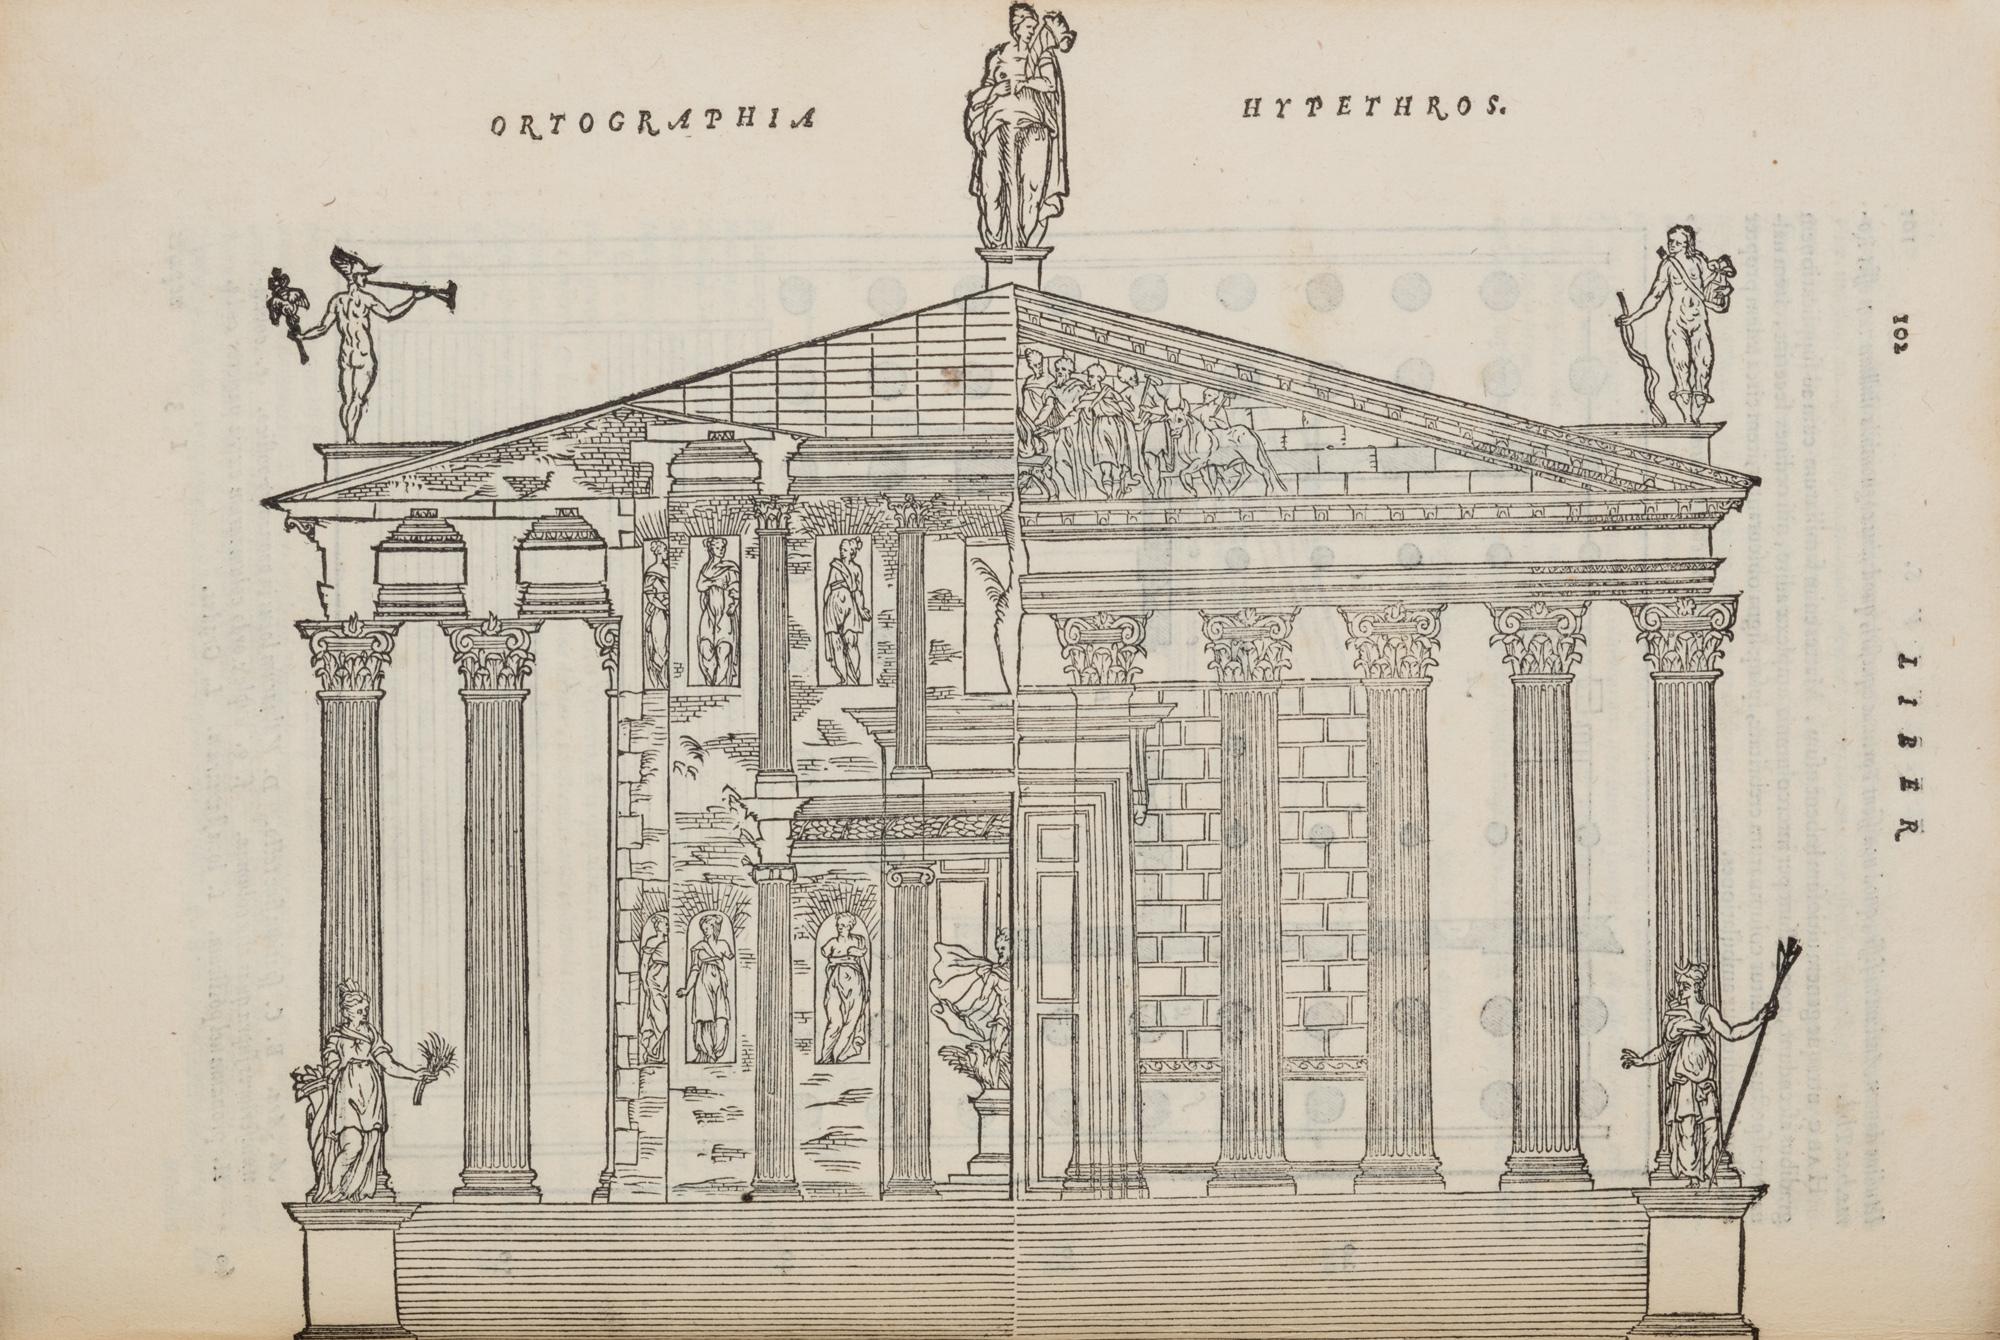 De Architectura libri decem, cum commentariis Danielis Barbari